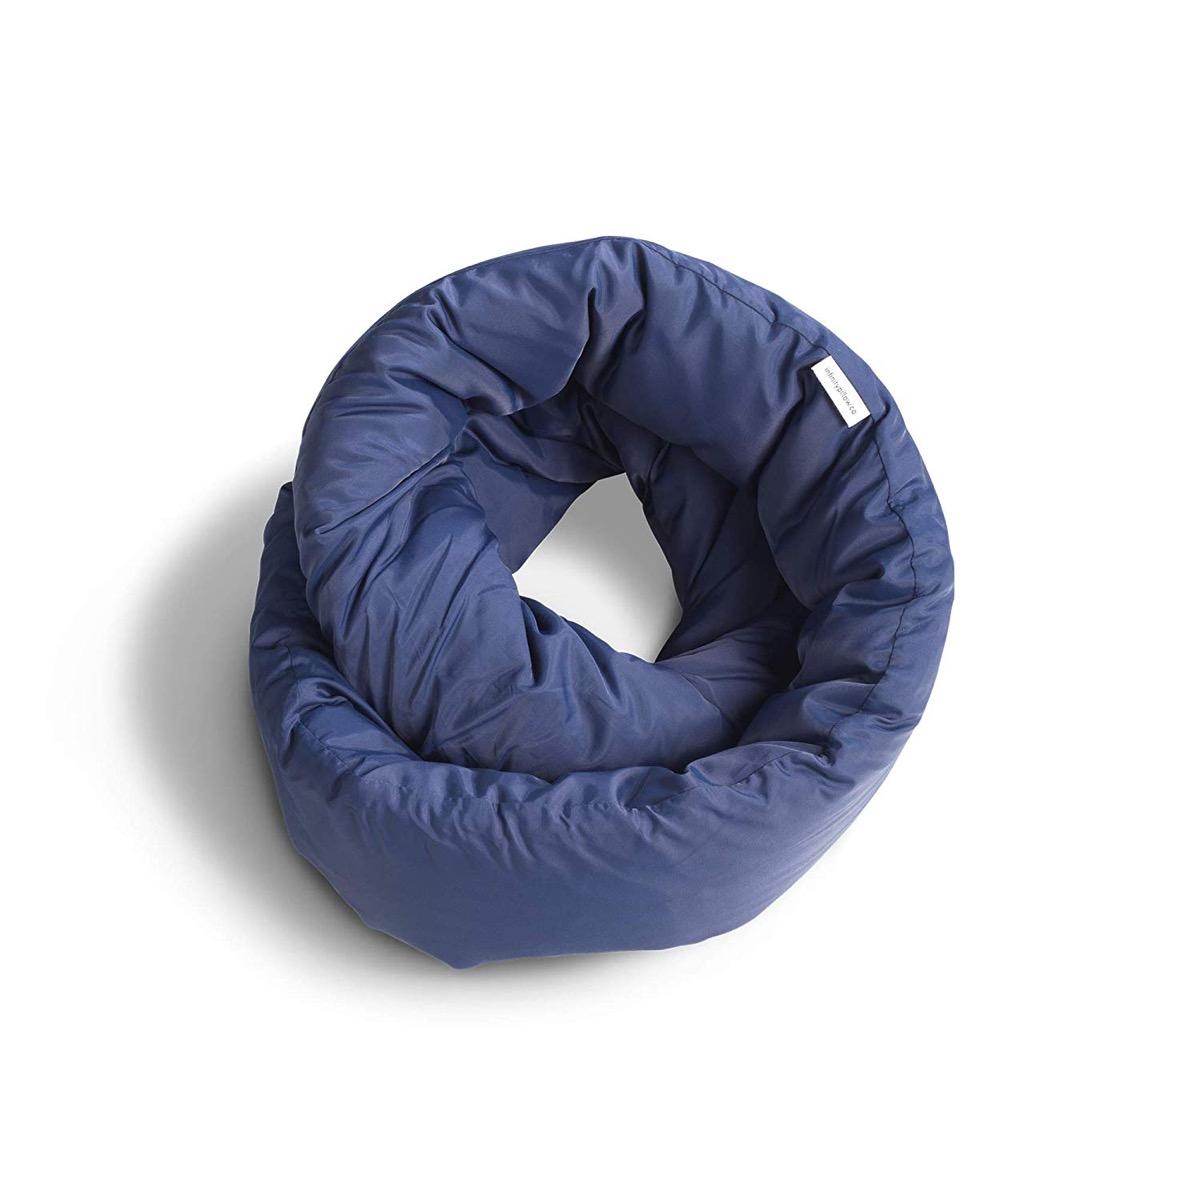 huzi blue infinity pillow